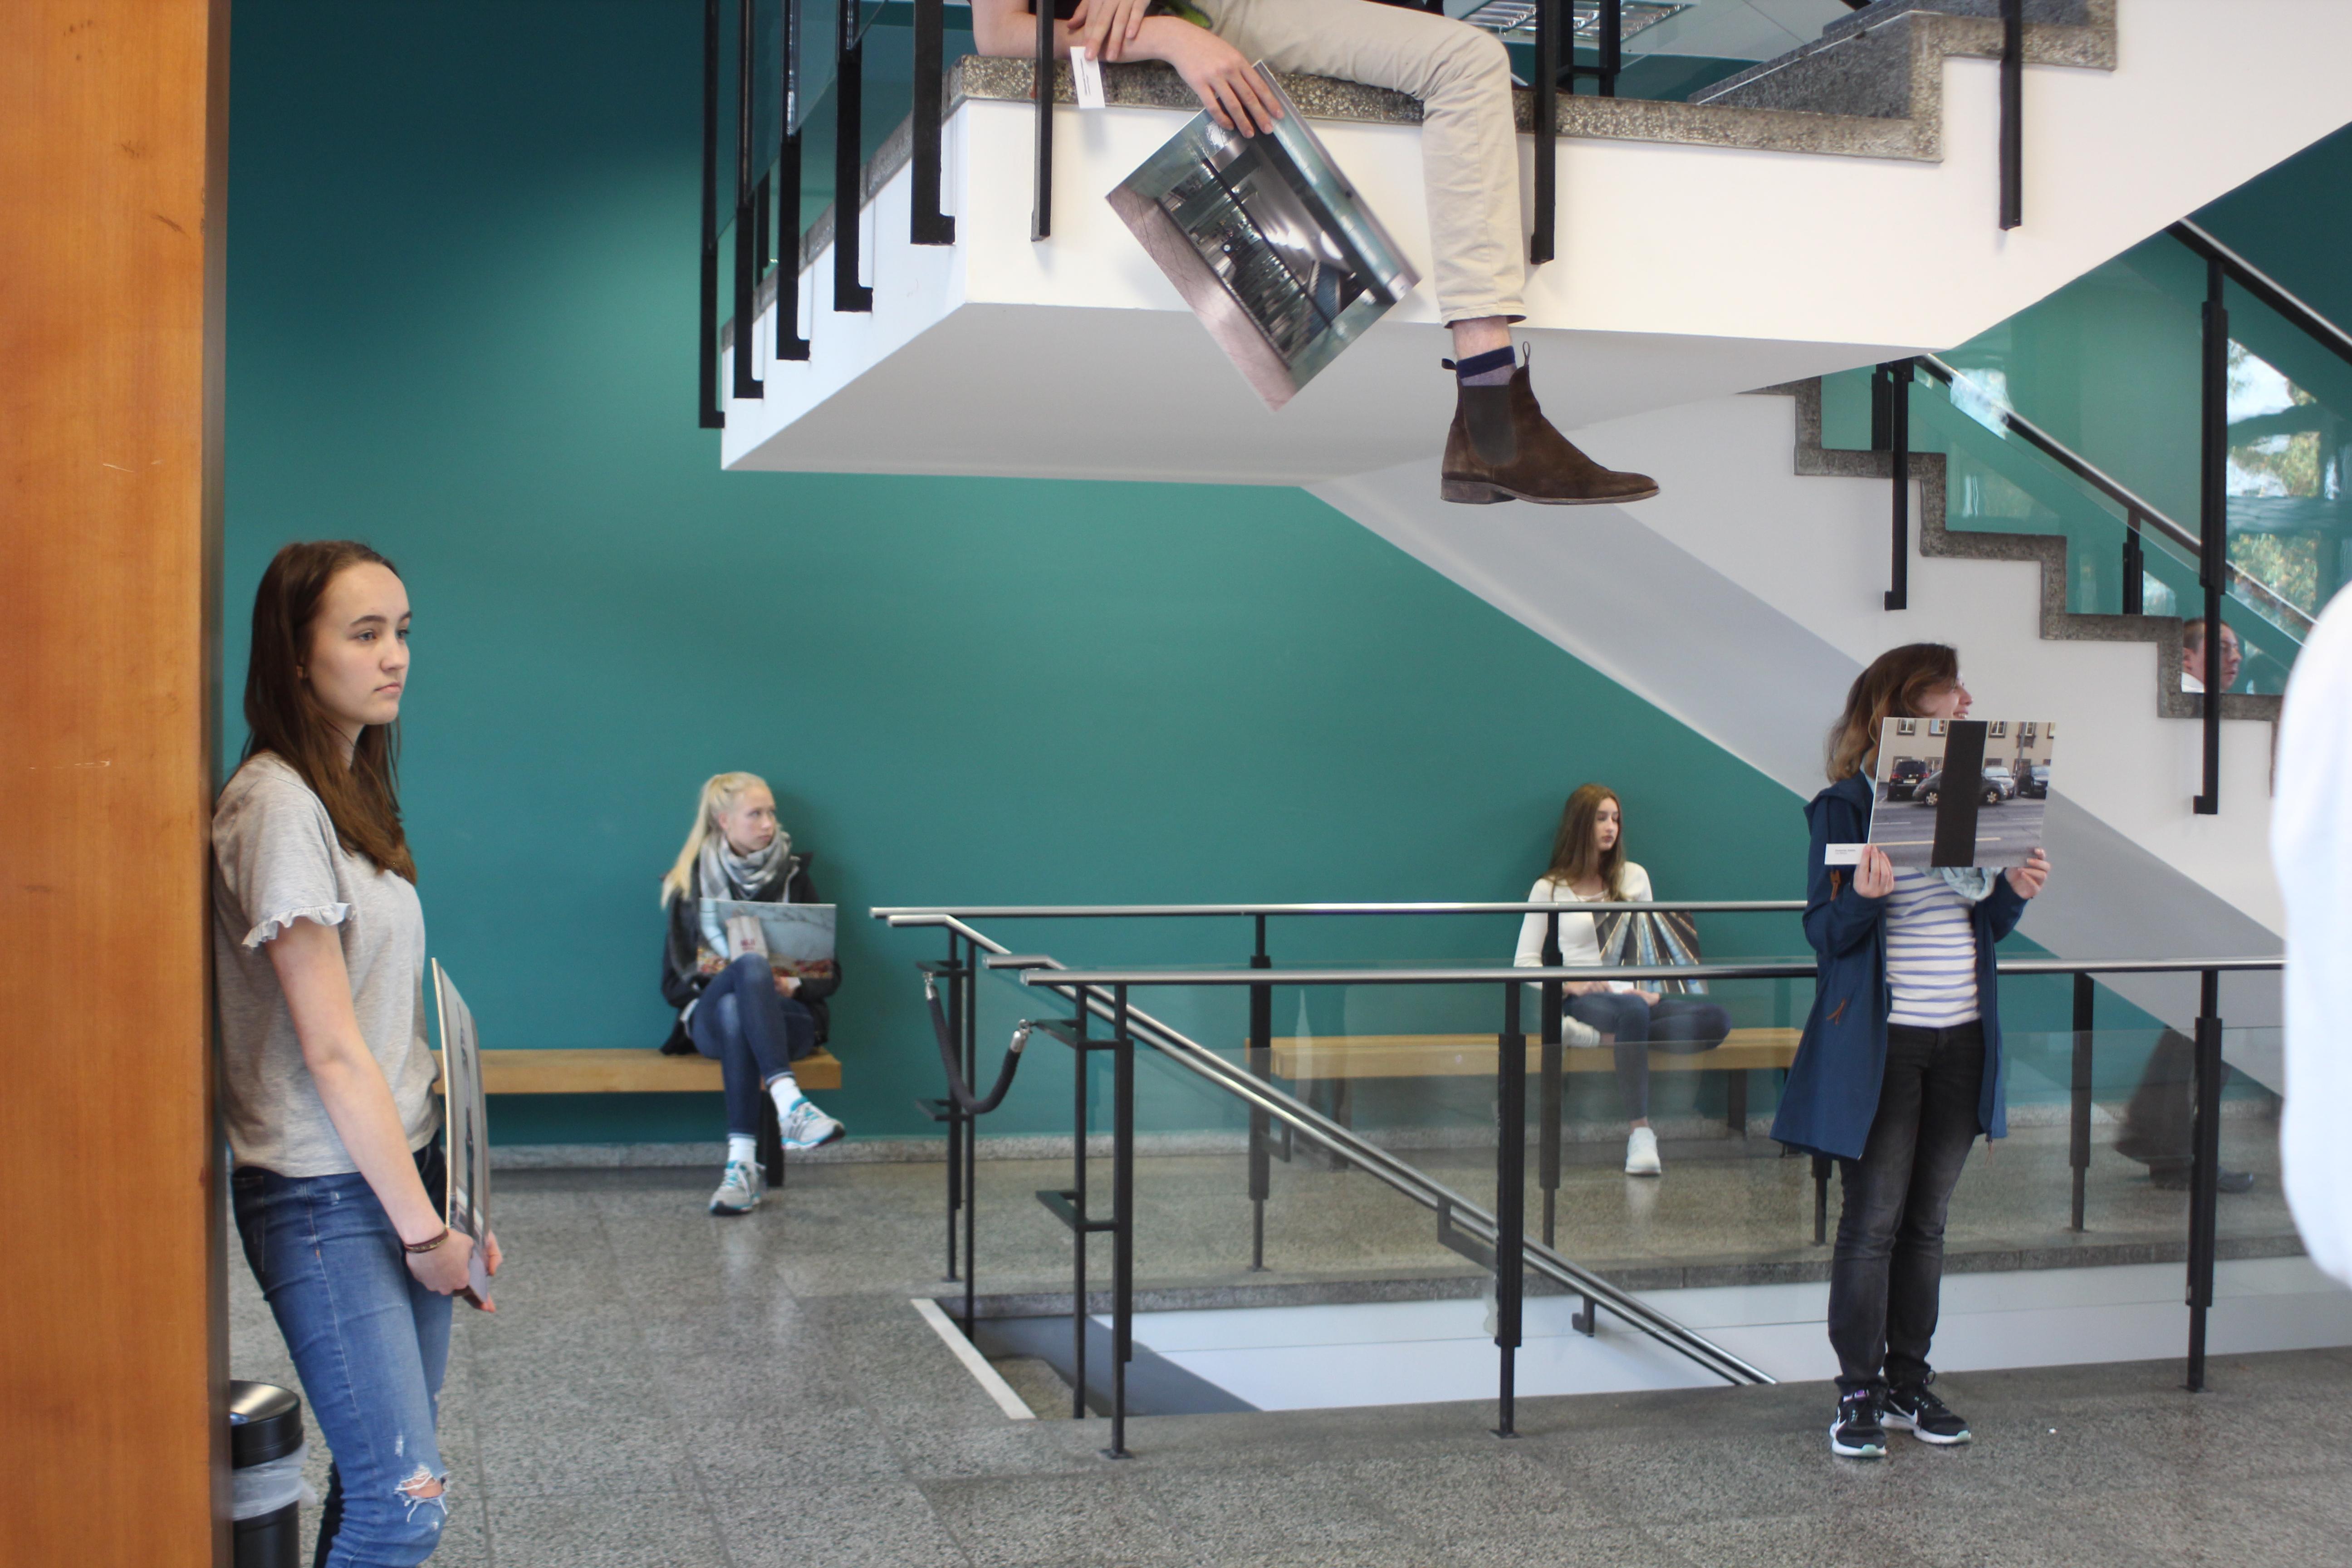 Architekturen des Wissens – Schulkurs in der Berliner Stadtbibliothek